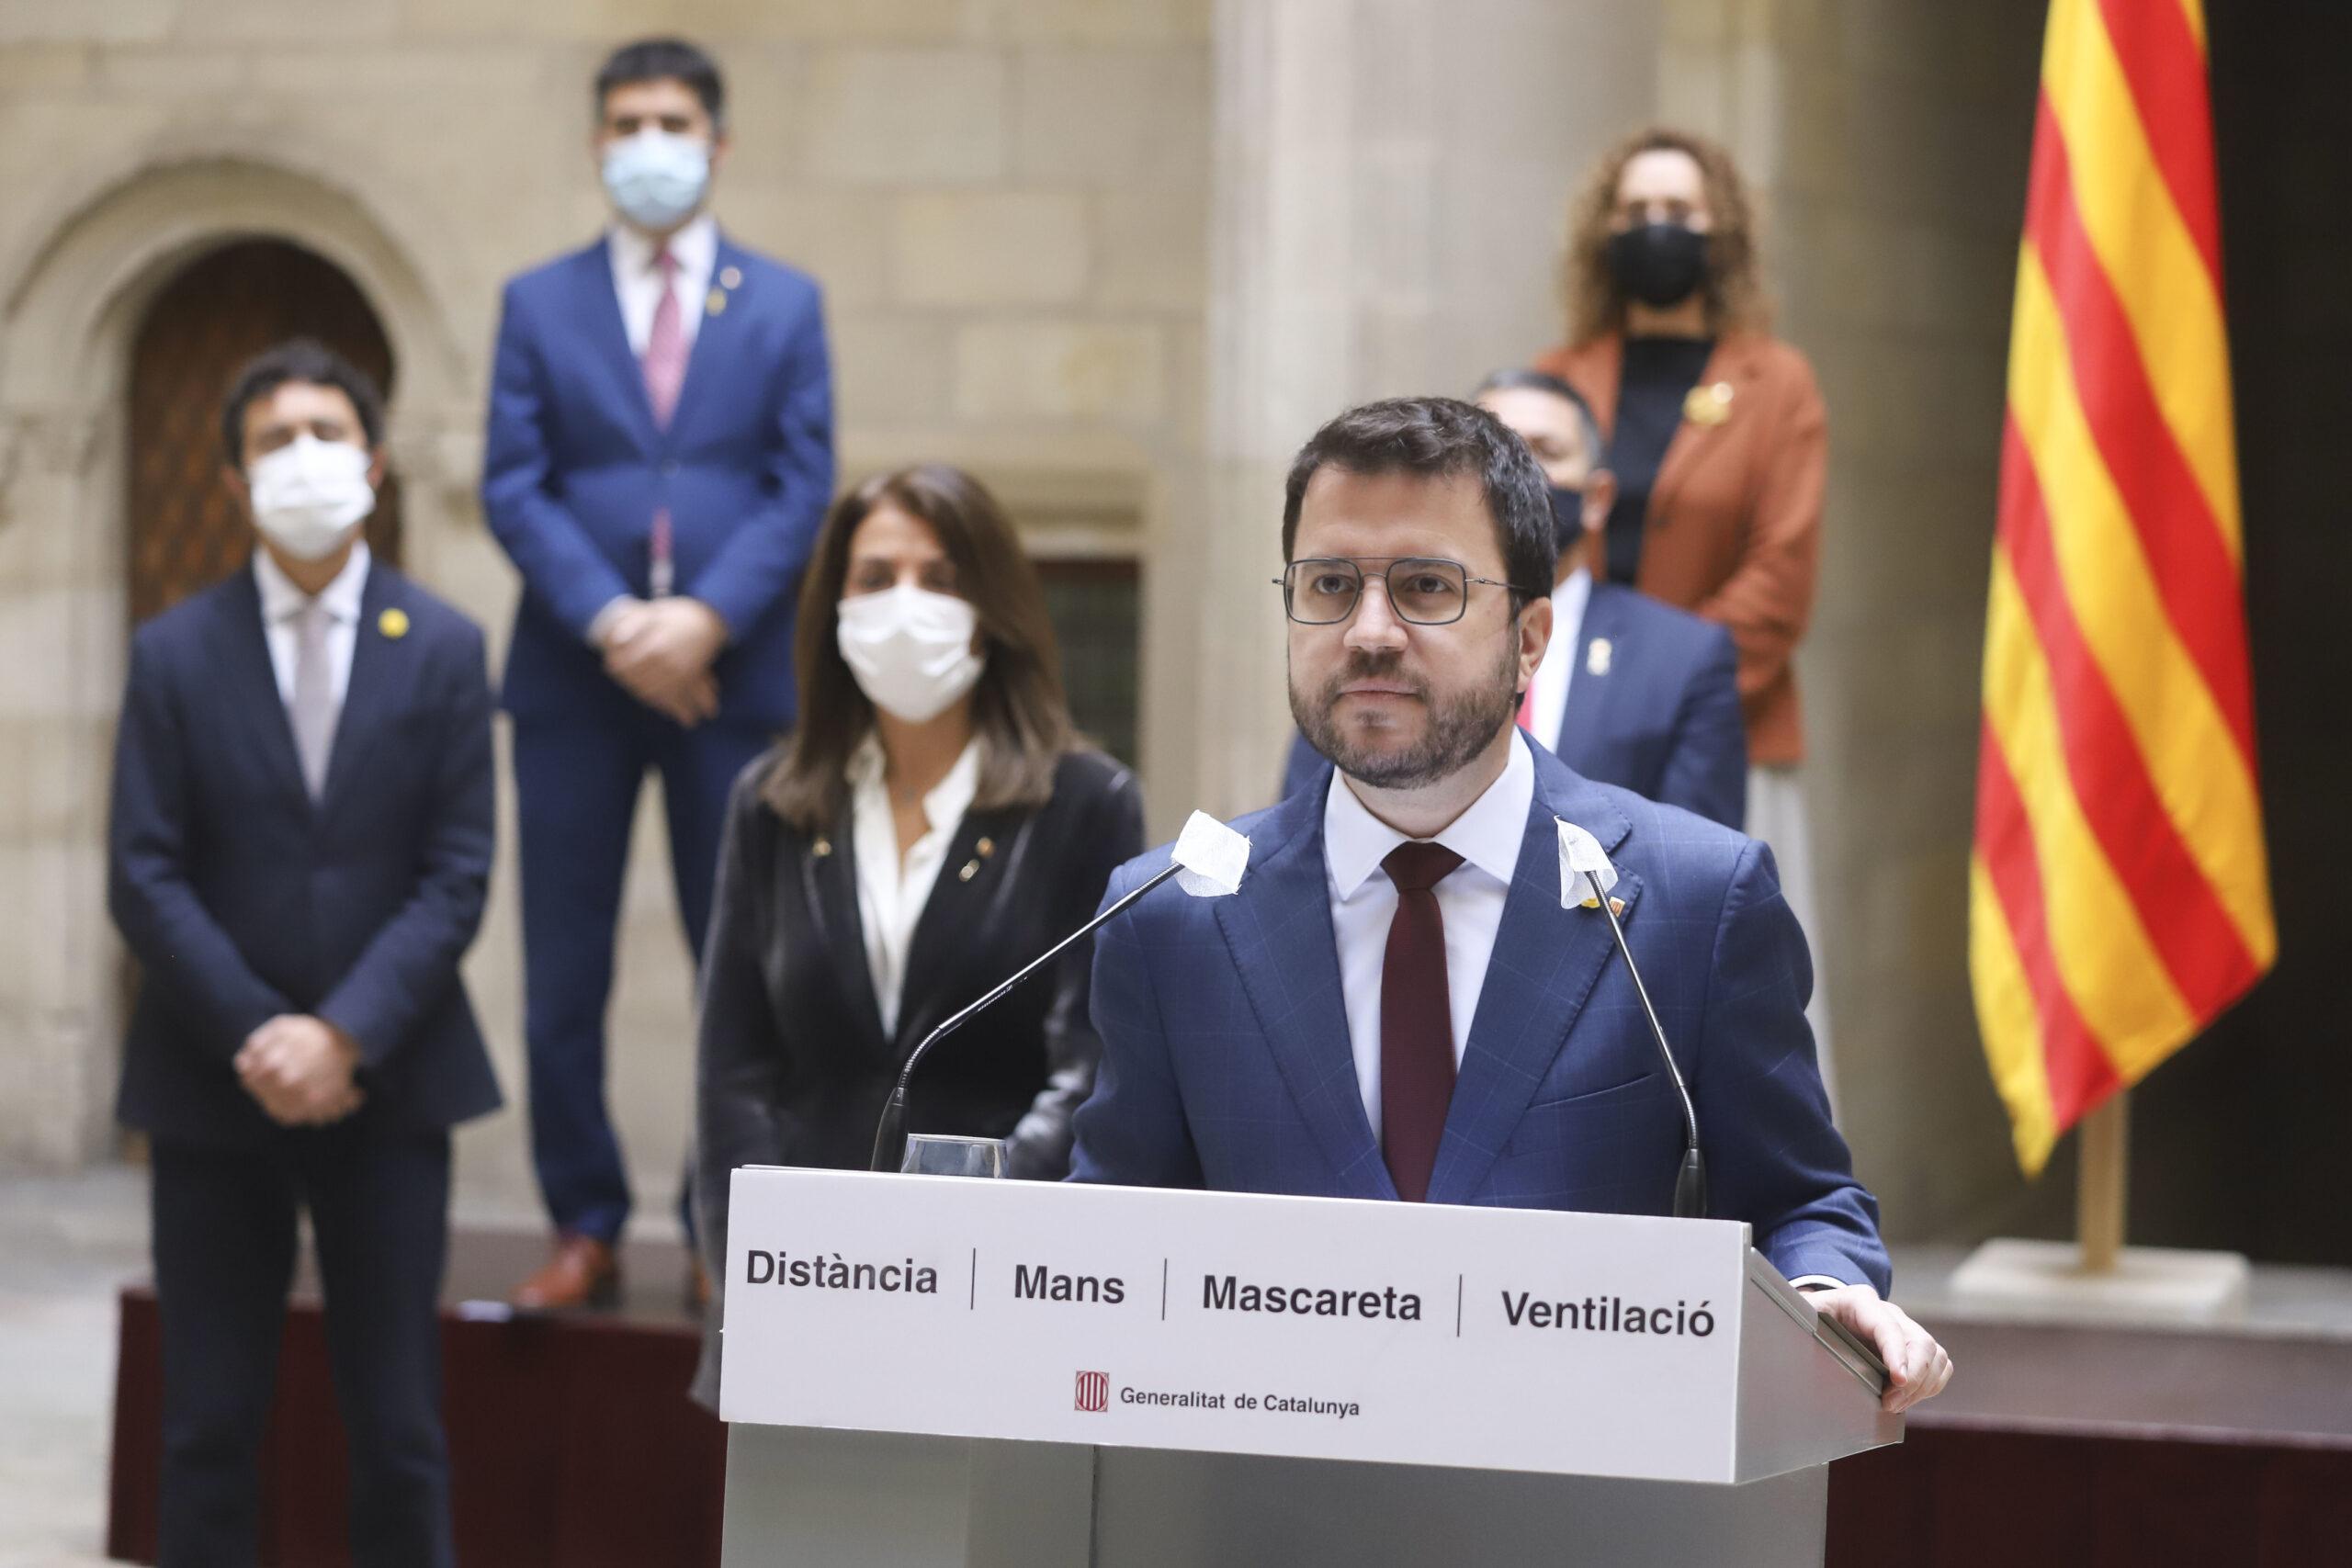 El vicepresident del Govern, Pere Aragonès, avui en compareixença al Palau de la Generalitat / ACN